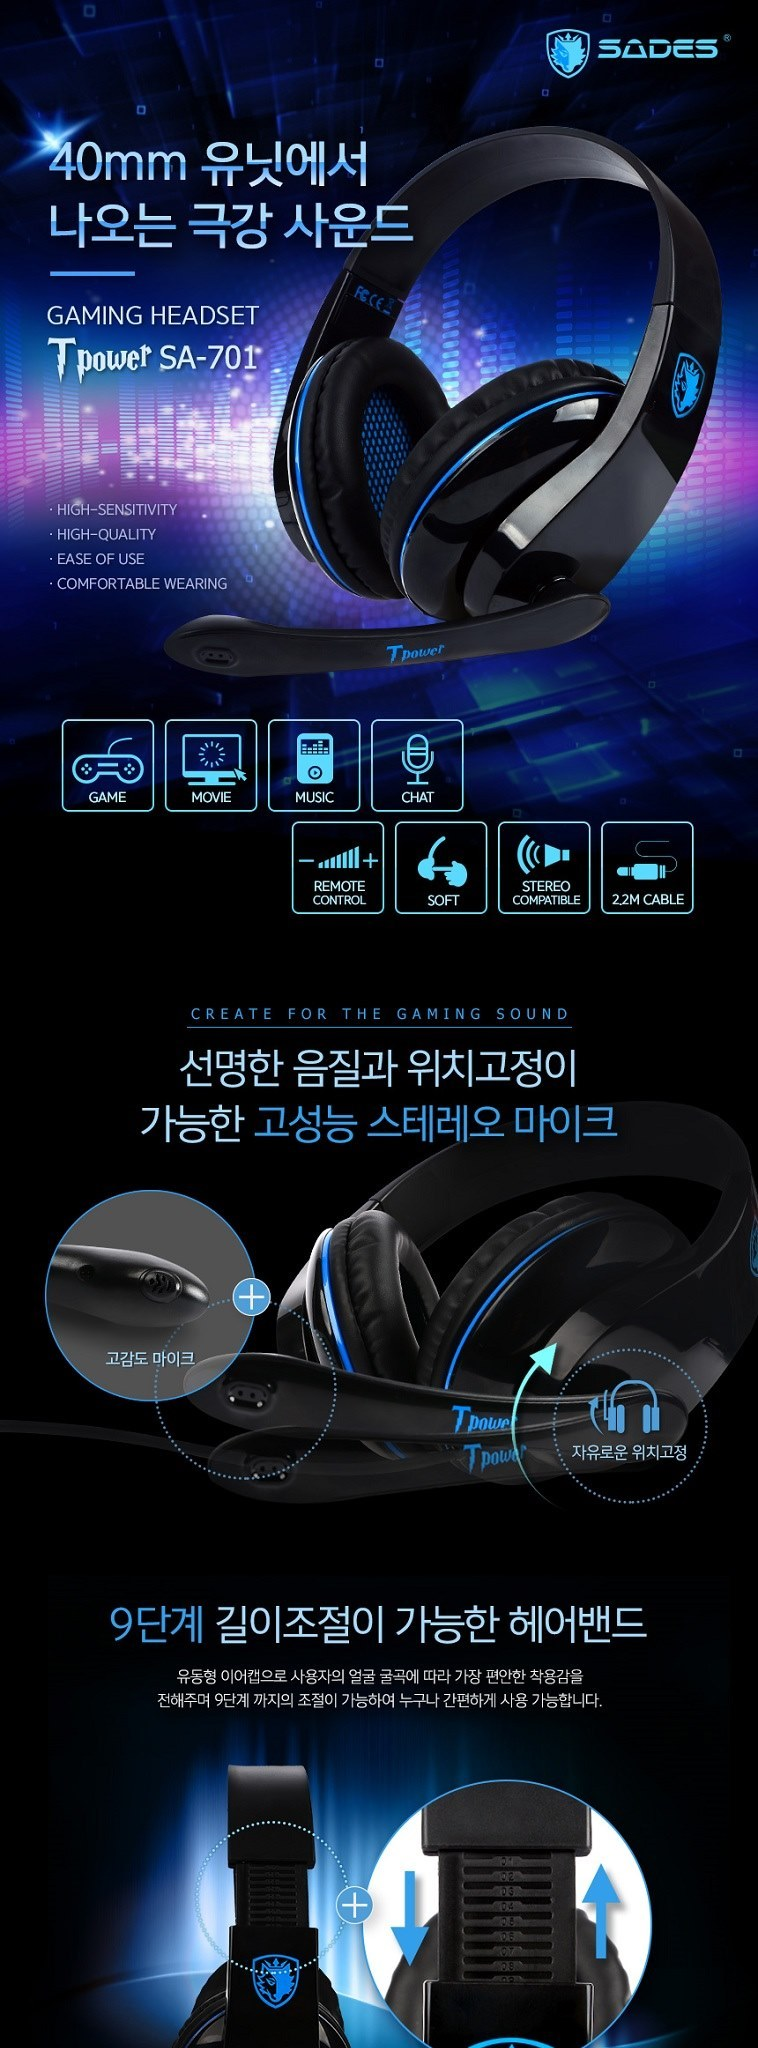 Sades Sa 701 Tpower Gaming Headset